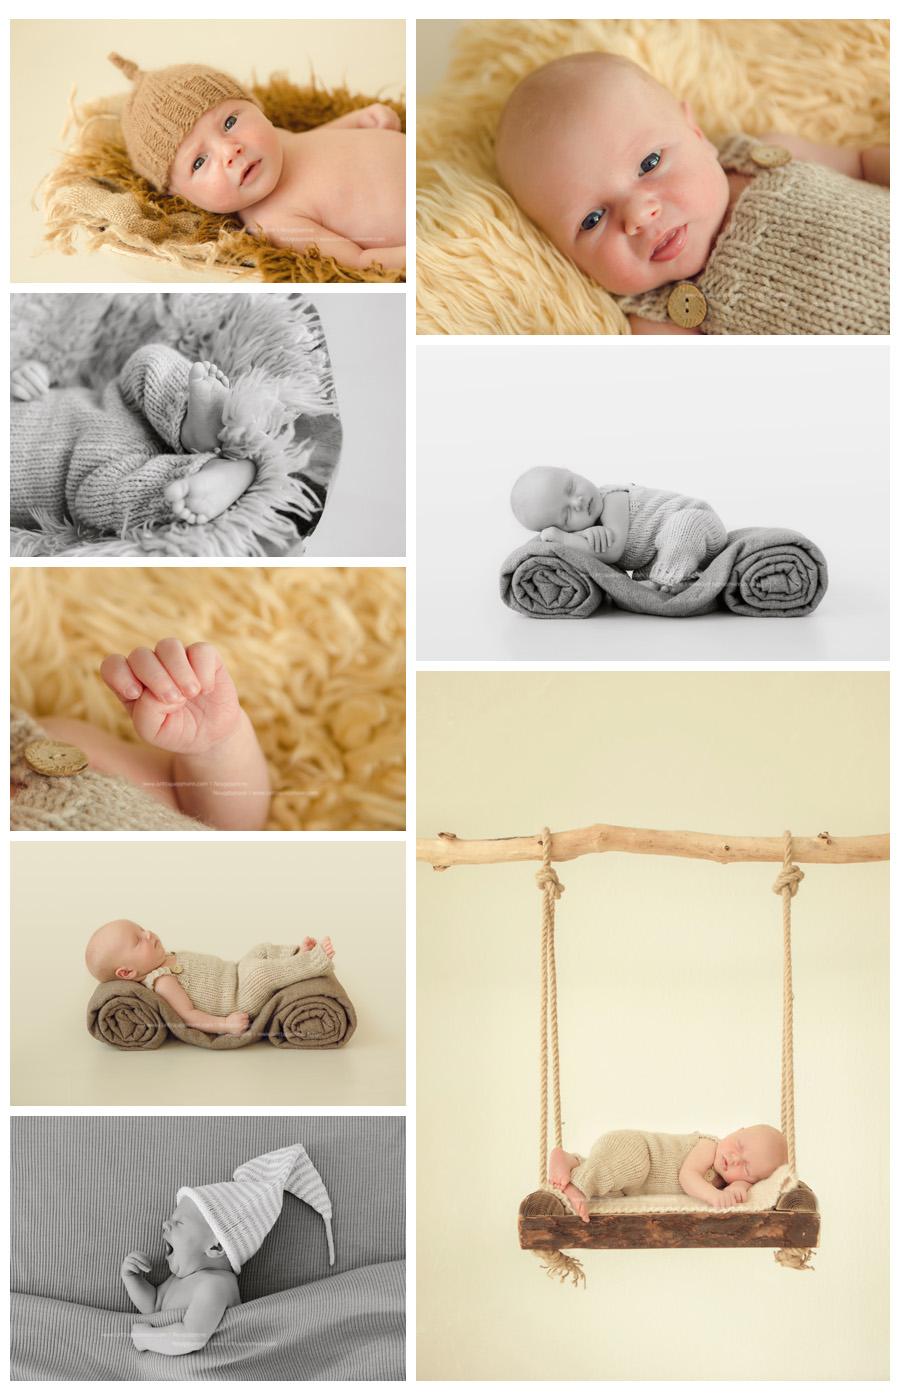 Neugeborenenfotos Dortmudn Babyfotos Britta Passmann